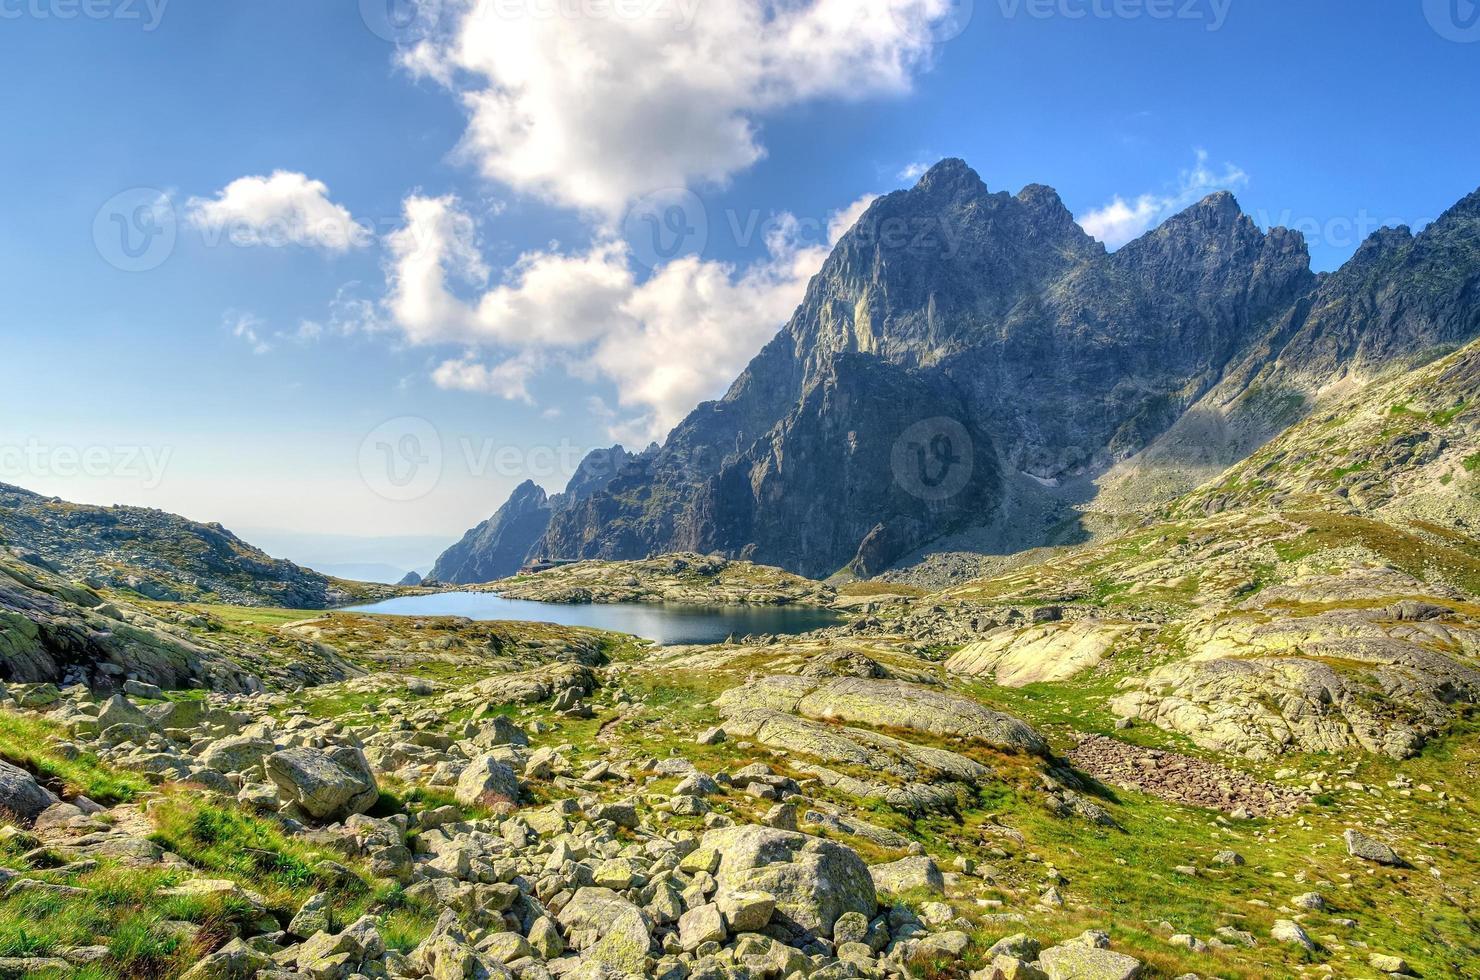 paisagem montanhosa de verão. foto